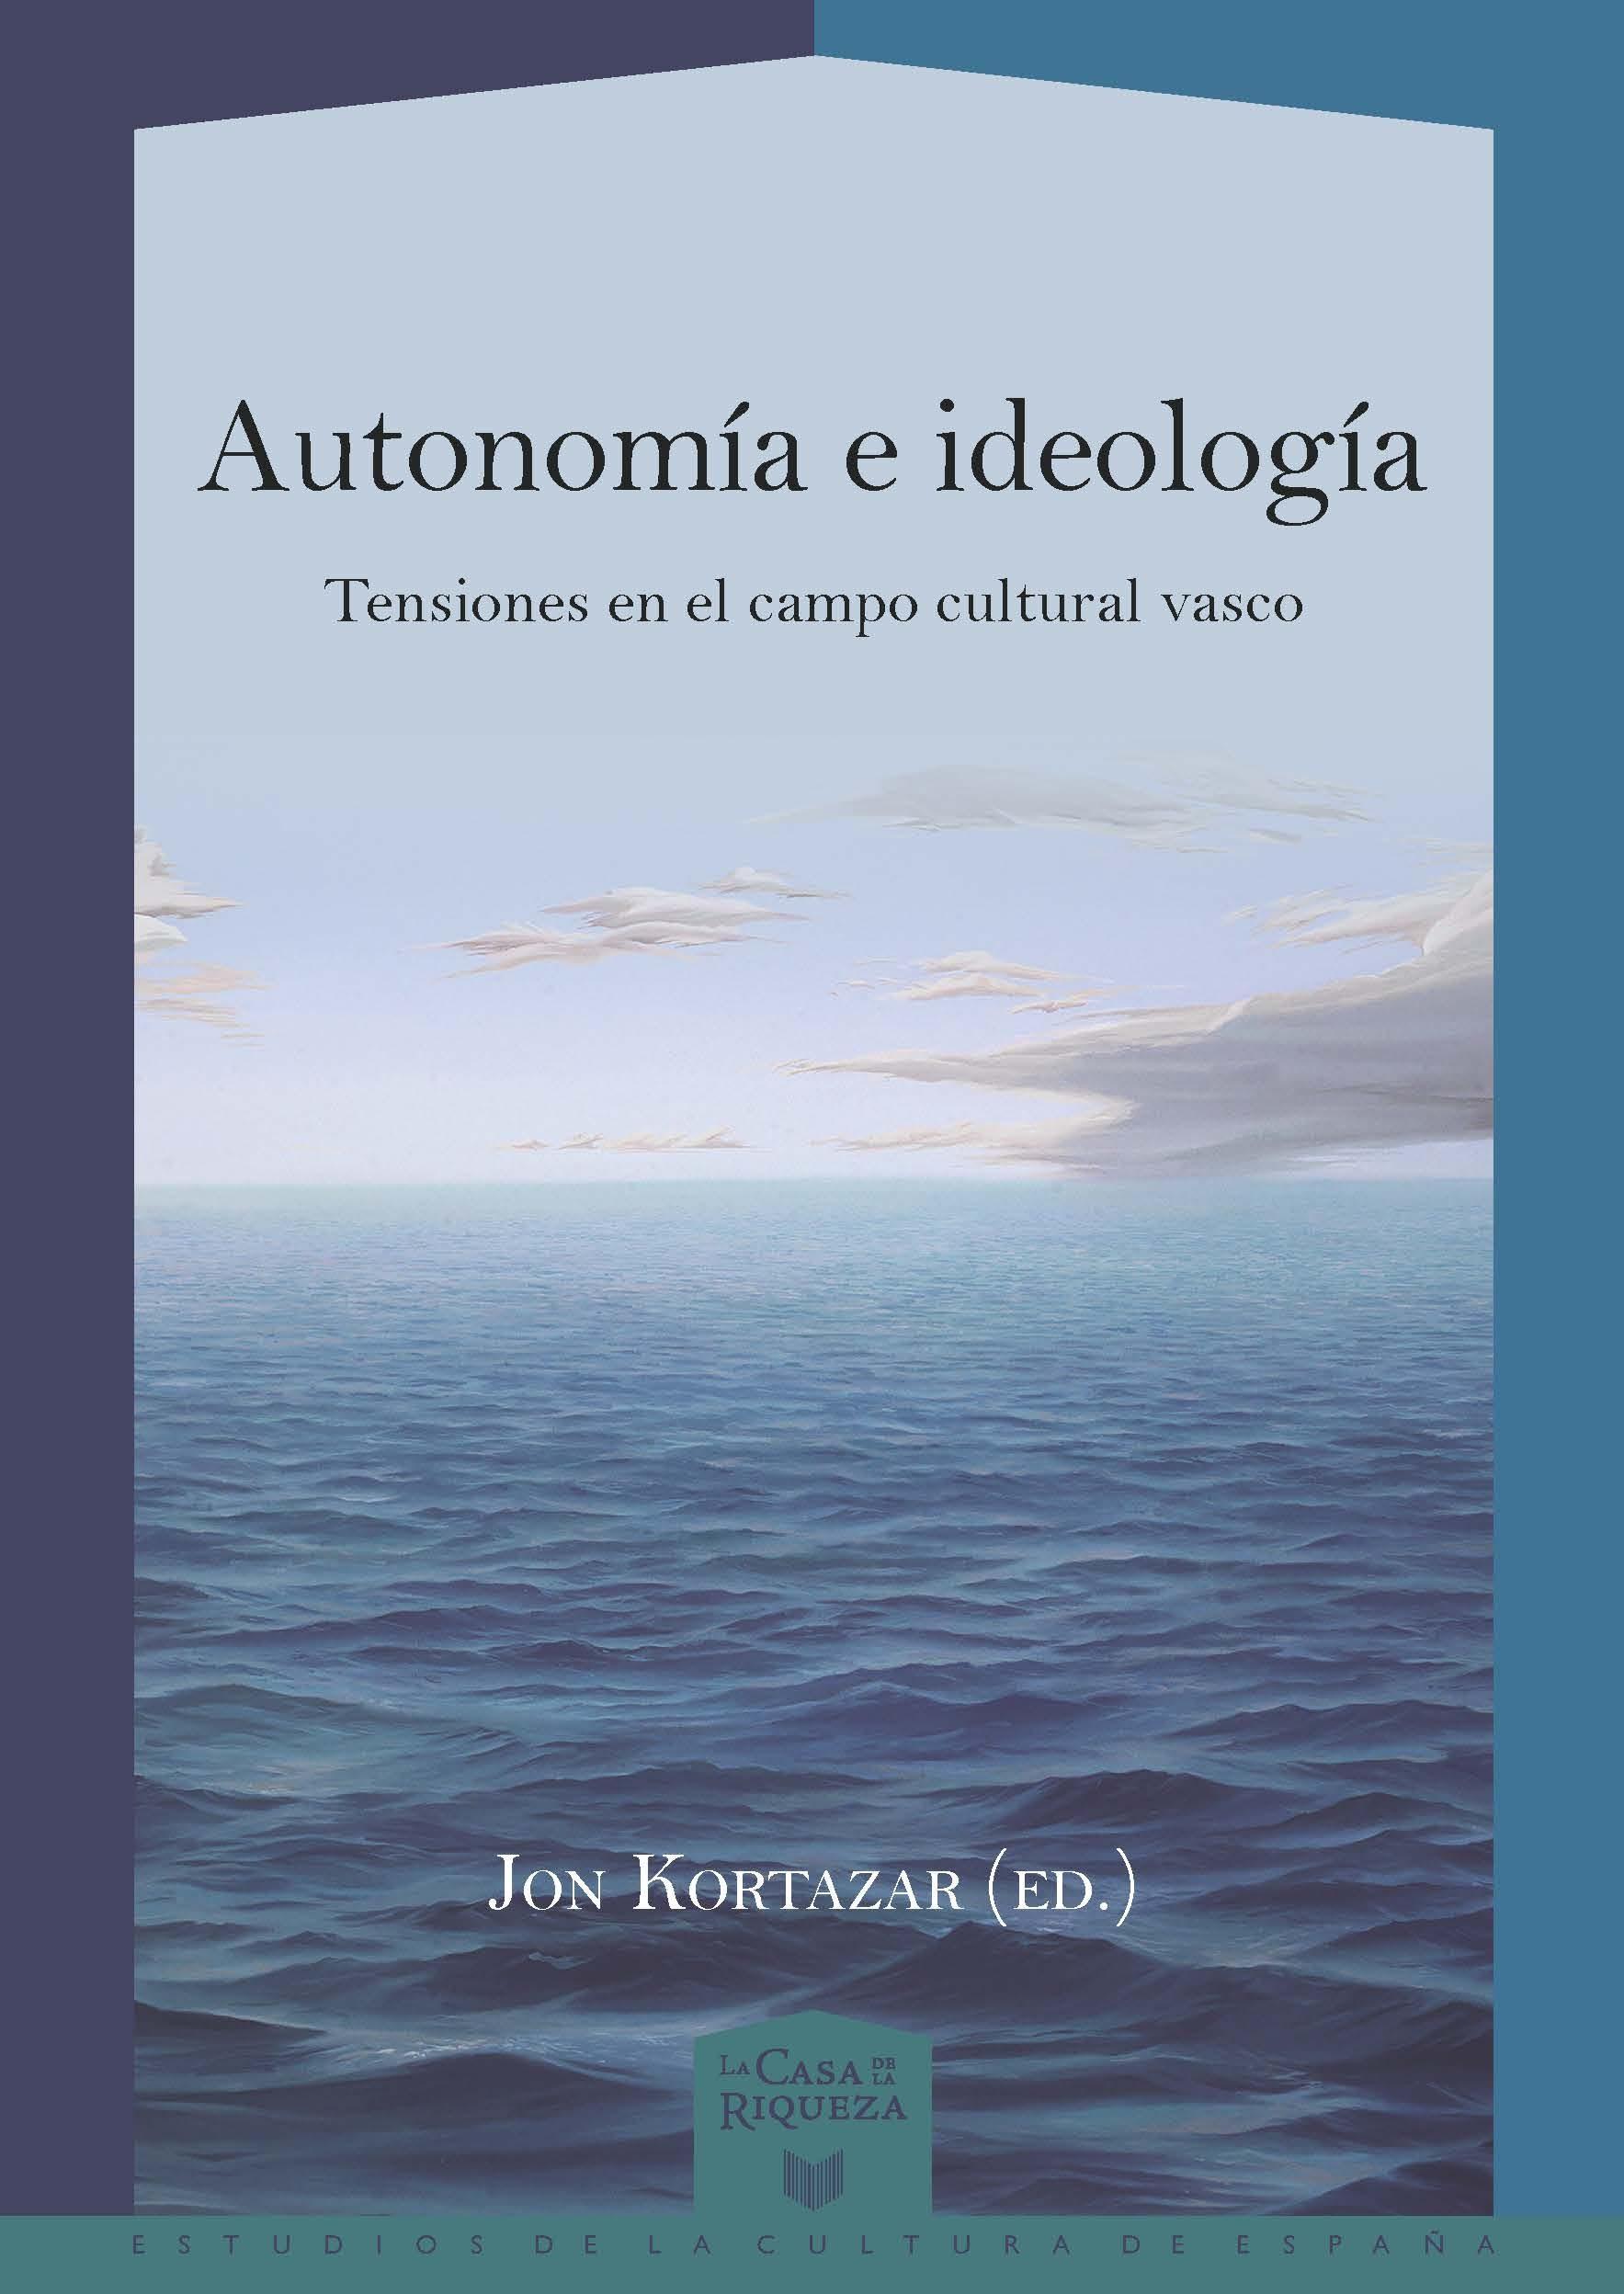 """Jon  Kortazar  (UPV)  :  """"El  signo  cultural  se  verá  afectado  por  quien  ostente  el  poder"""""""